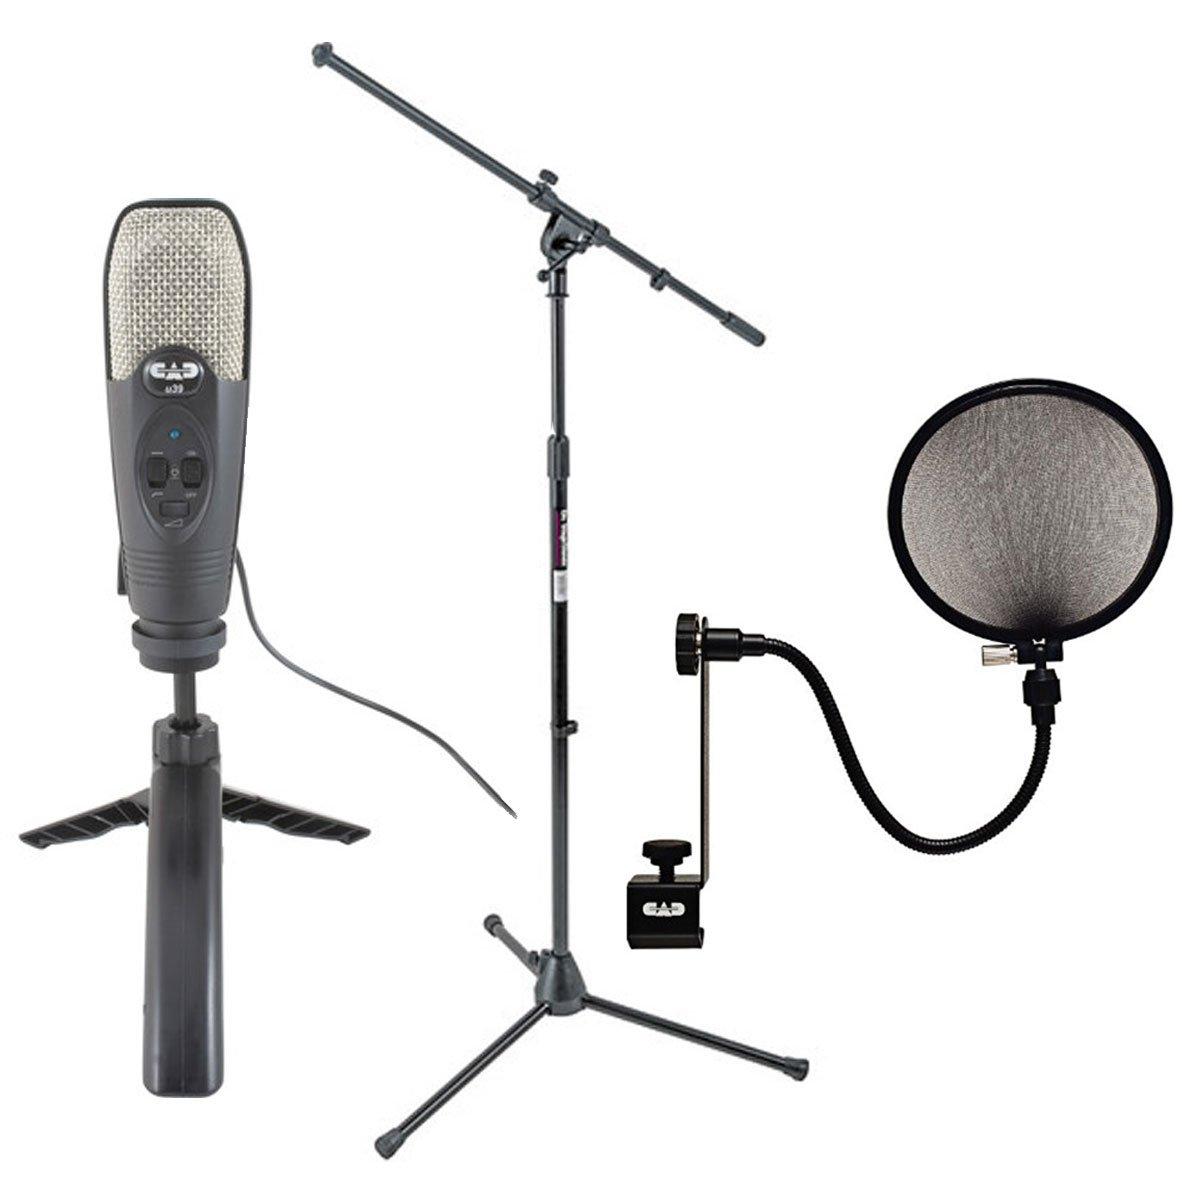 CAD Audio U39 USB micrófono de condensador cardioide de gran diafragma + on stage Stands MS7701B trípode Boom Soporte de micrófono + Cad Audio EPF-15 A Pop ...